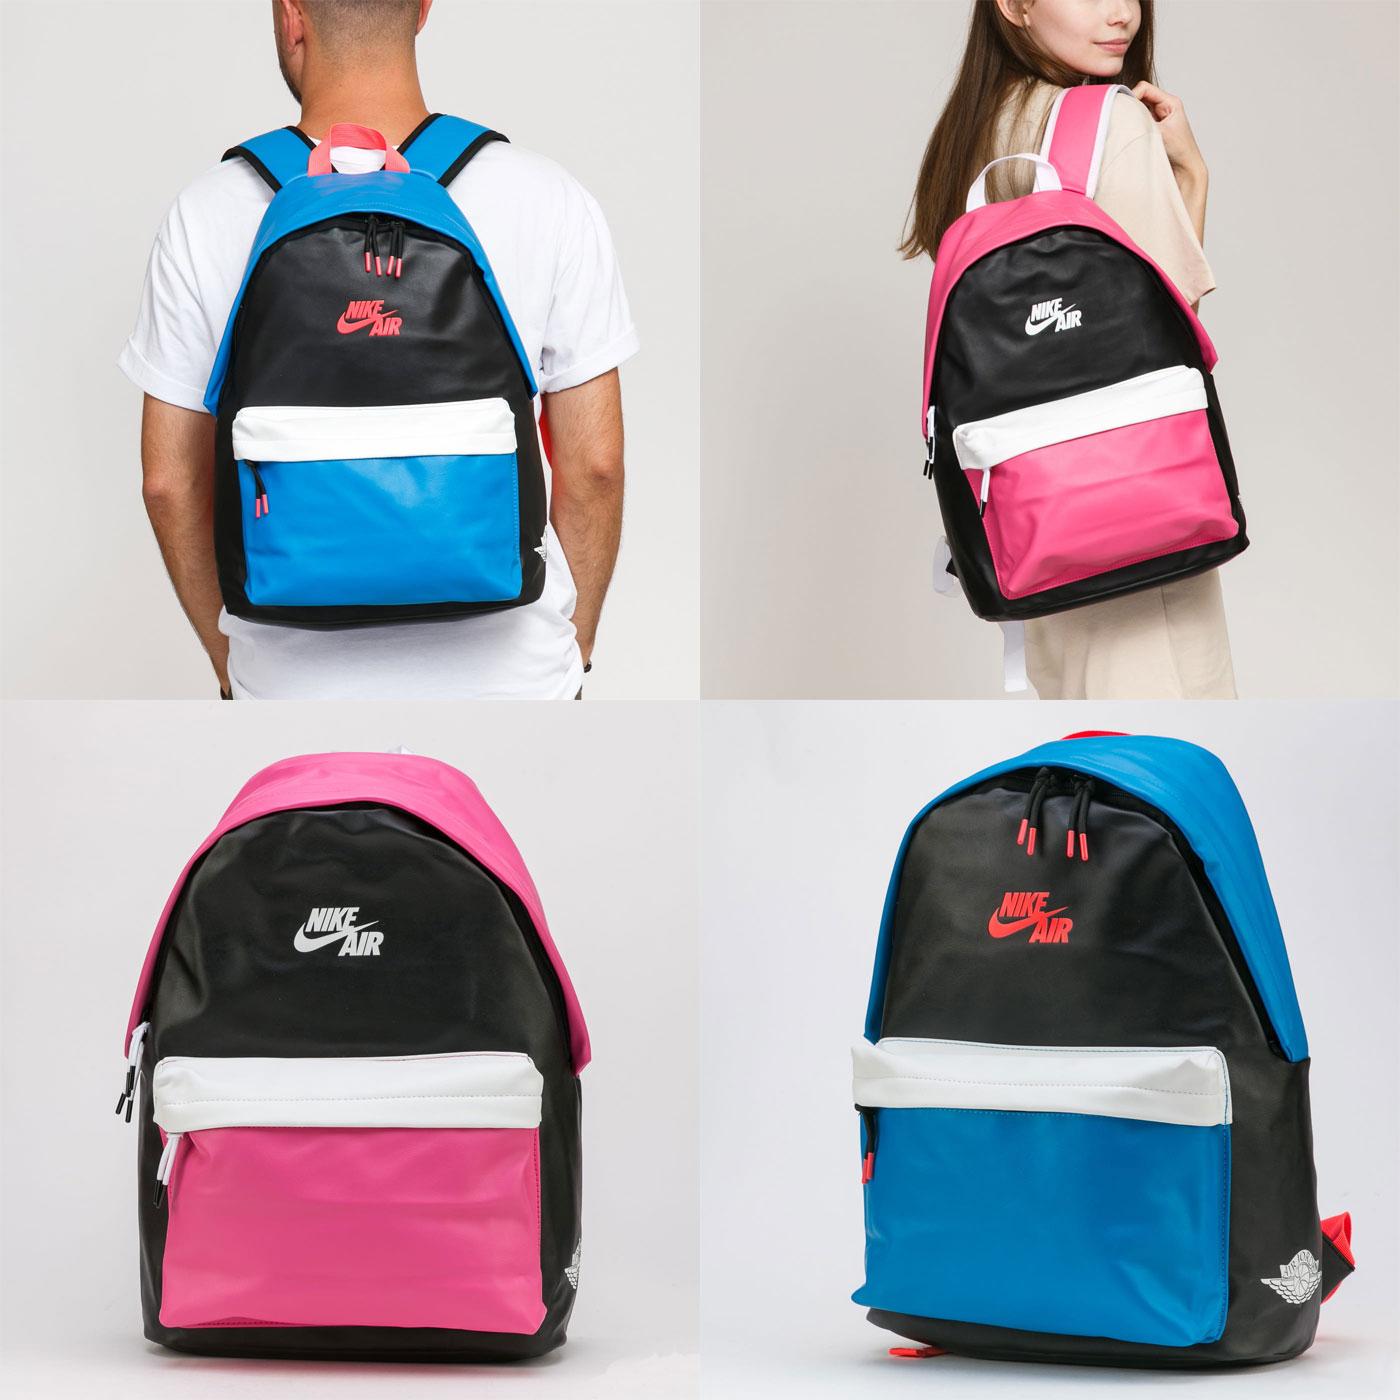 Jordan Air 1 Backpack - 2 kleuren